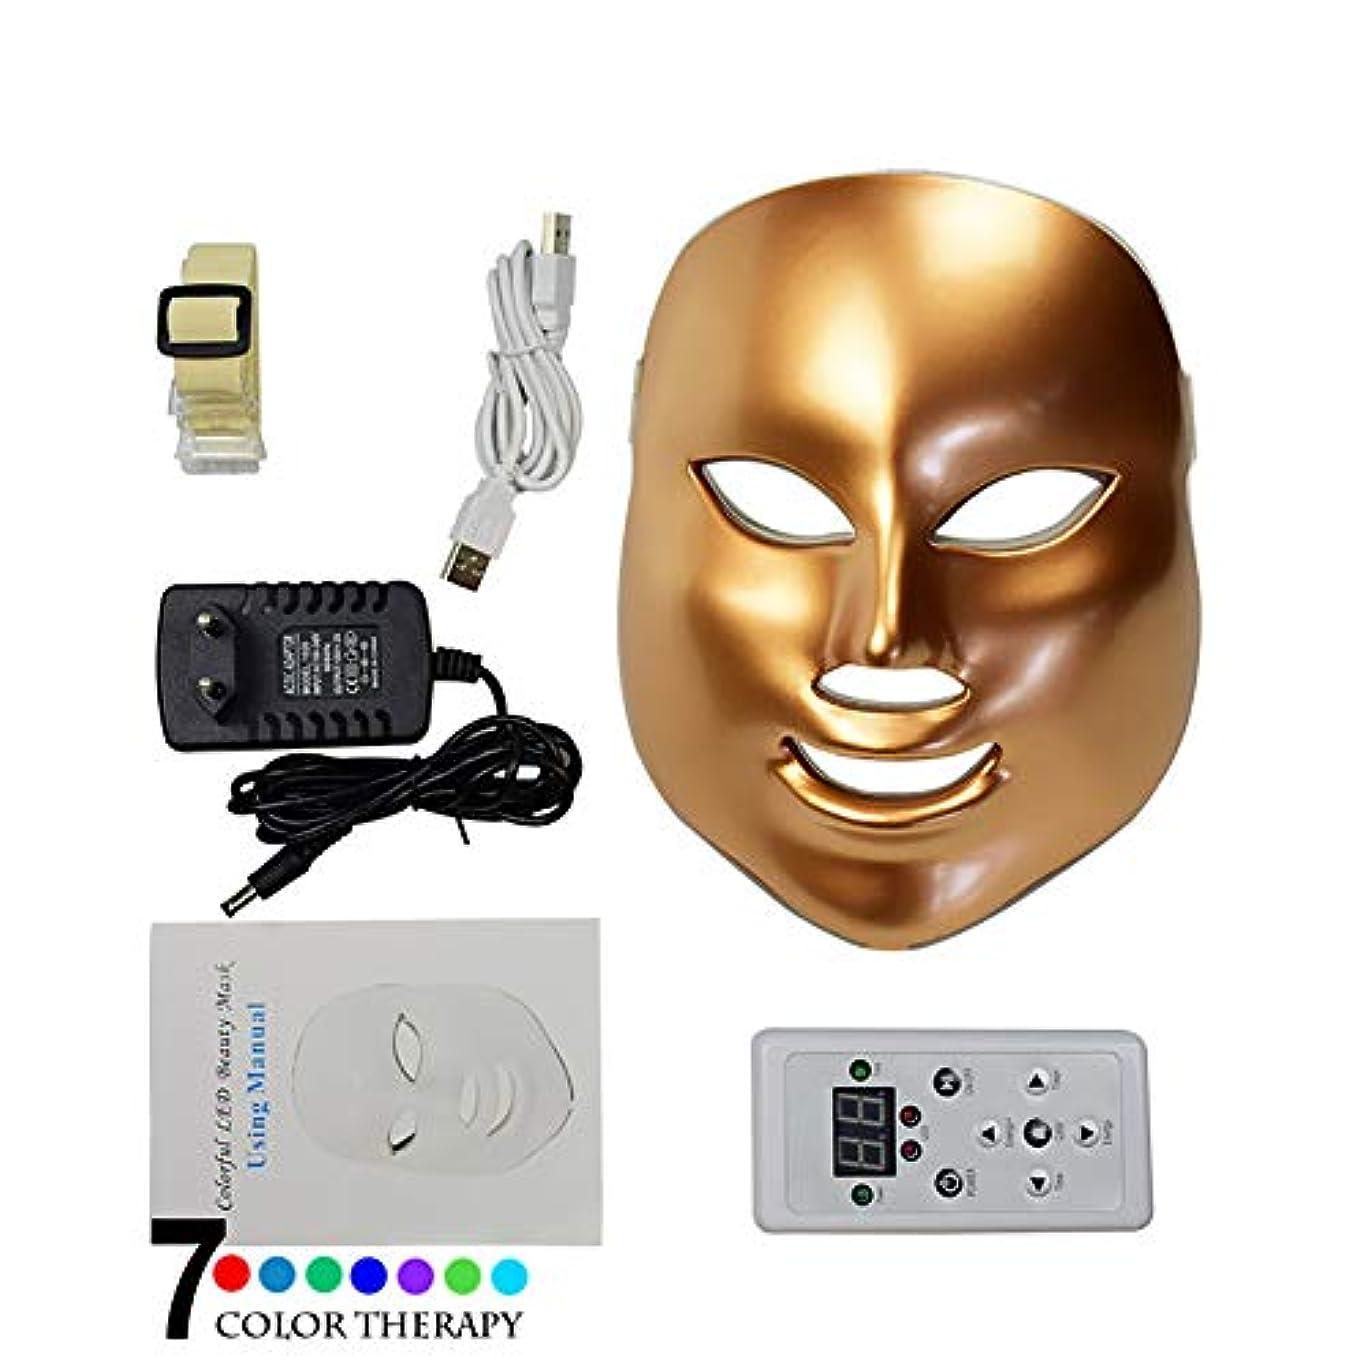 ためらう側面持ってる7色LEDフェイスマスク、7色LEDスキン光線療法器具、健康的な肌の若返りのためのレッドライトセラピー、アンチエイジング、しわ、瘢痕化,Gold